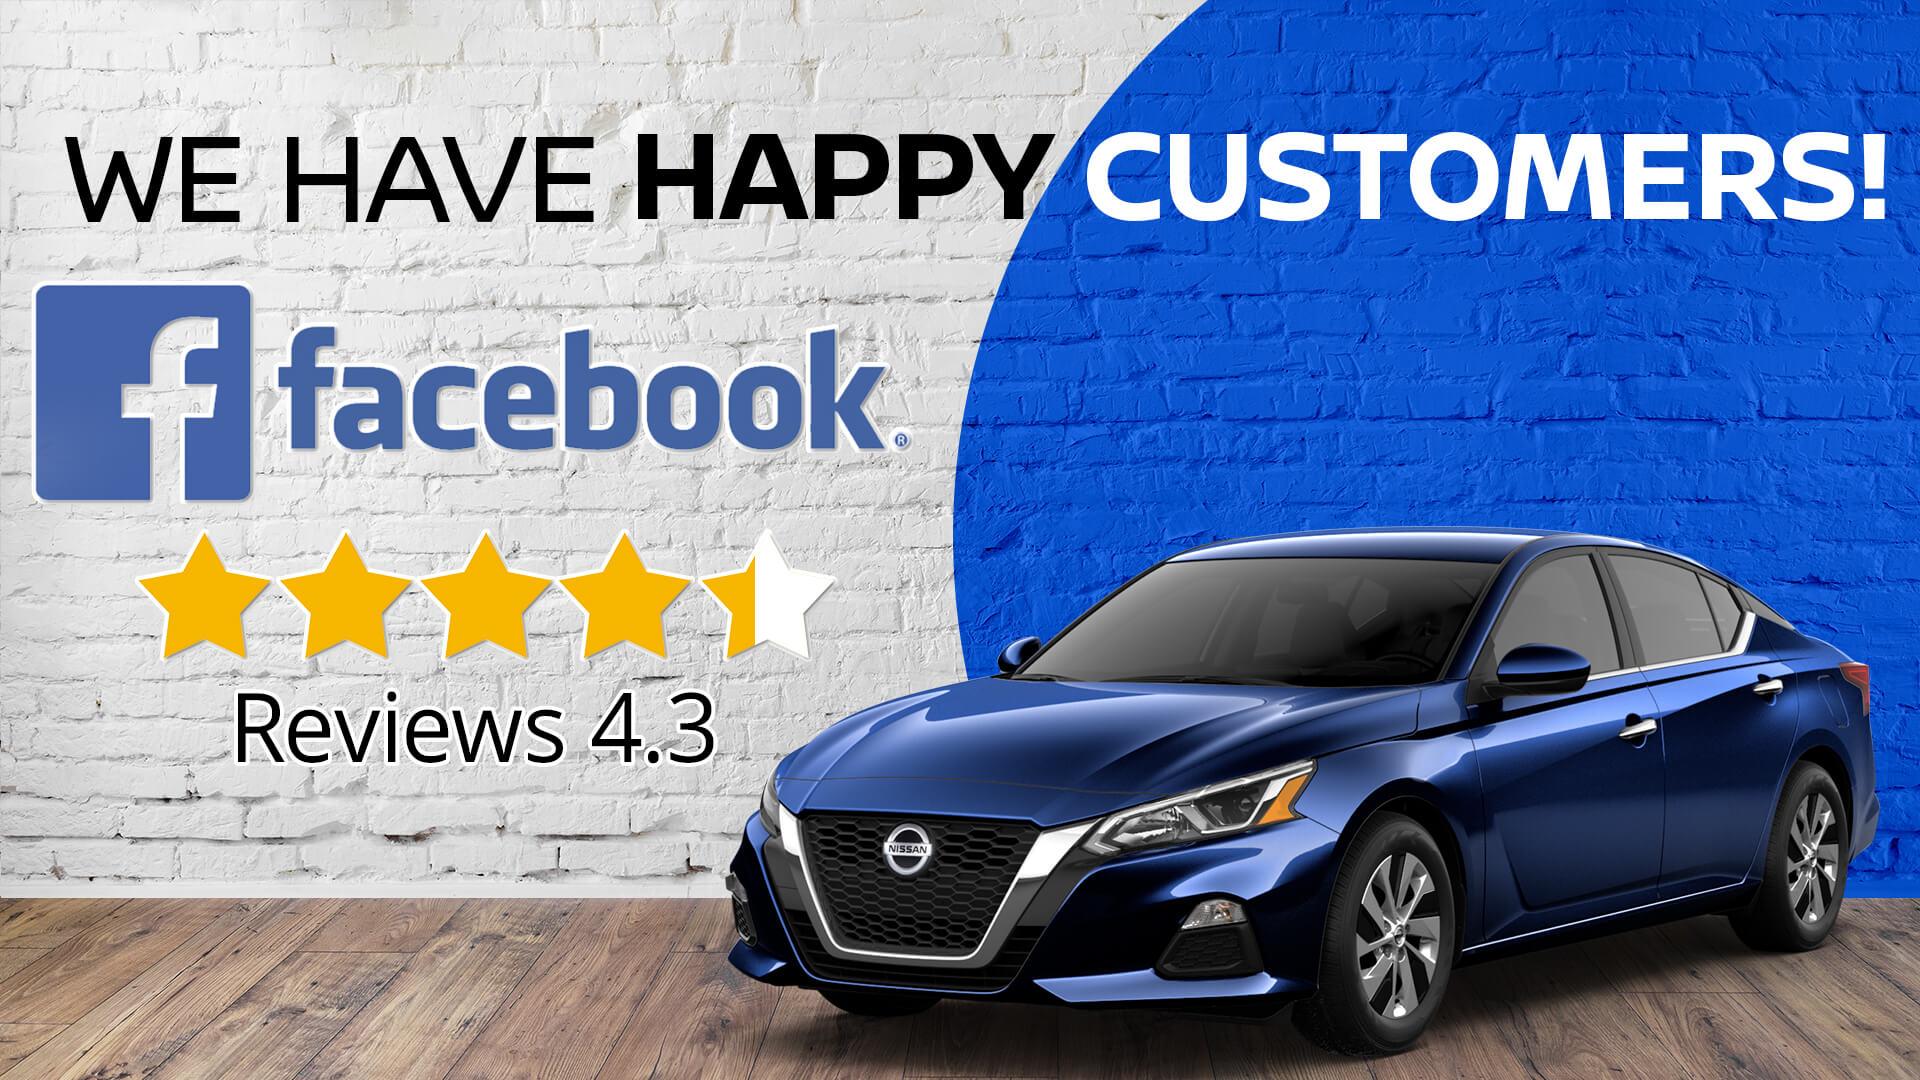 Happy Customers Facebook